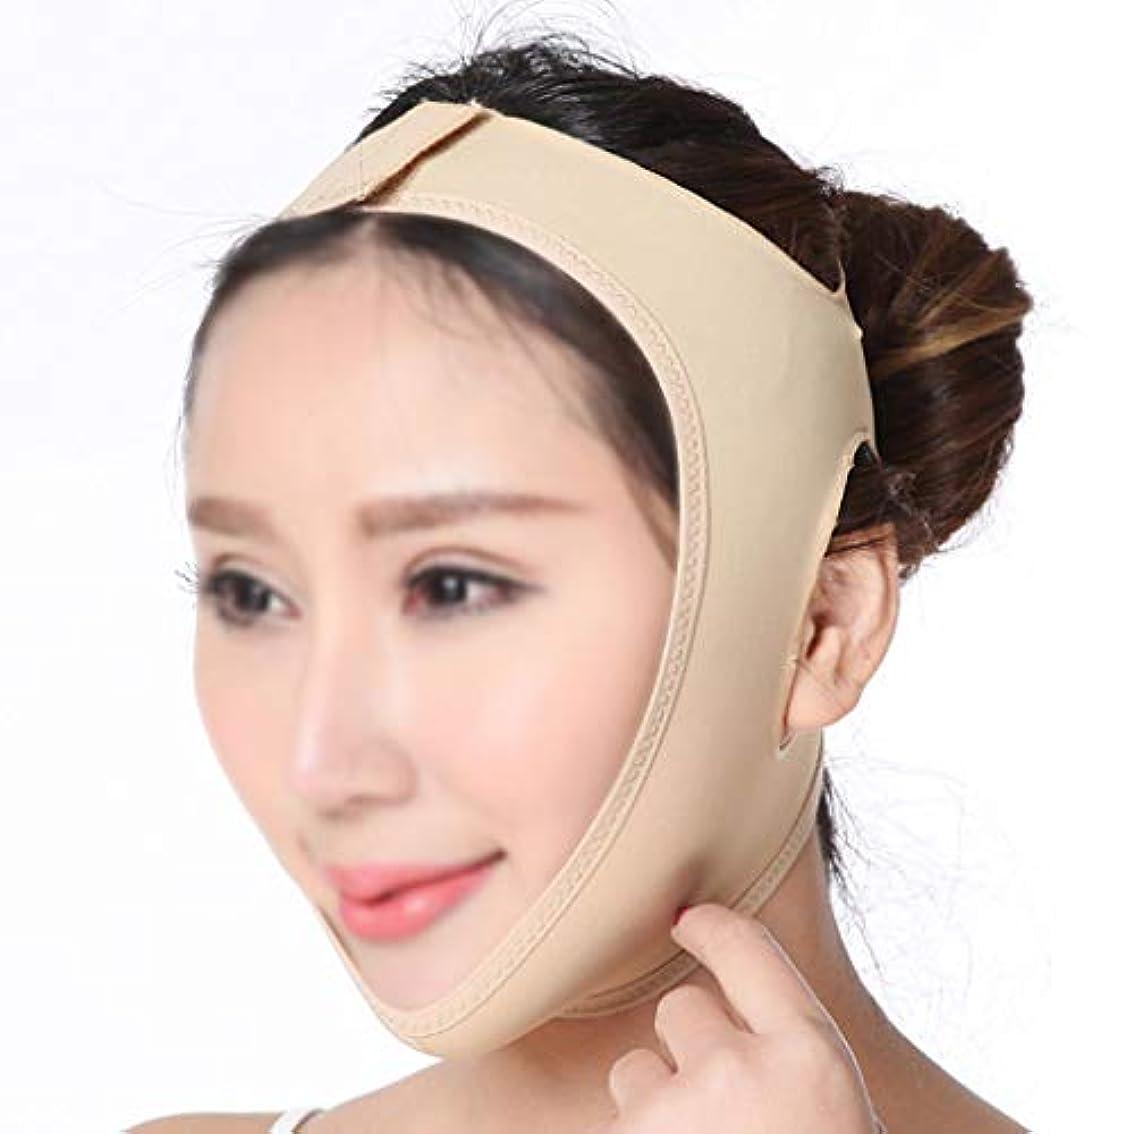 失態おもてなし気絶させるGLJJQMY 薄い顔のアーティファクトVマスク薄い顔の包帯/顔の引き締め痩身包帯通気性二重あご減量マスク 顔用整形マスク (Size : L)